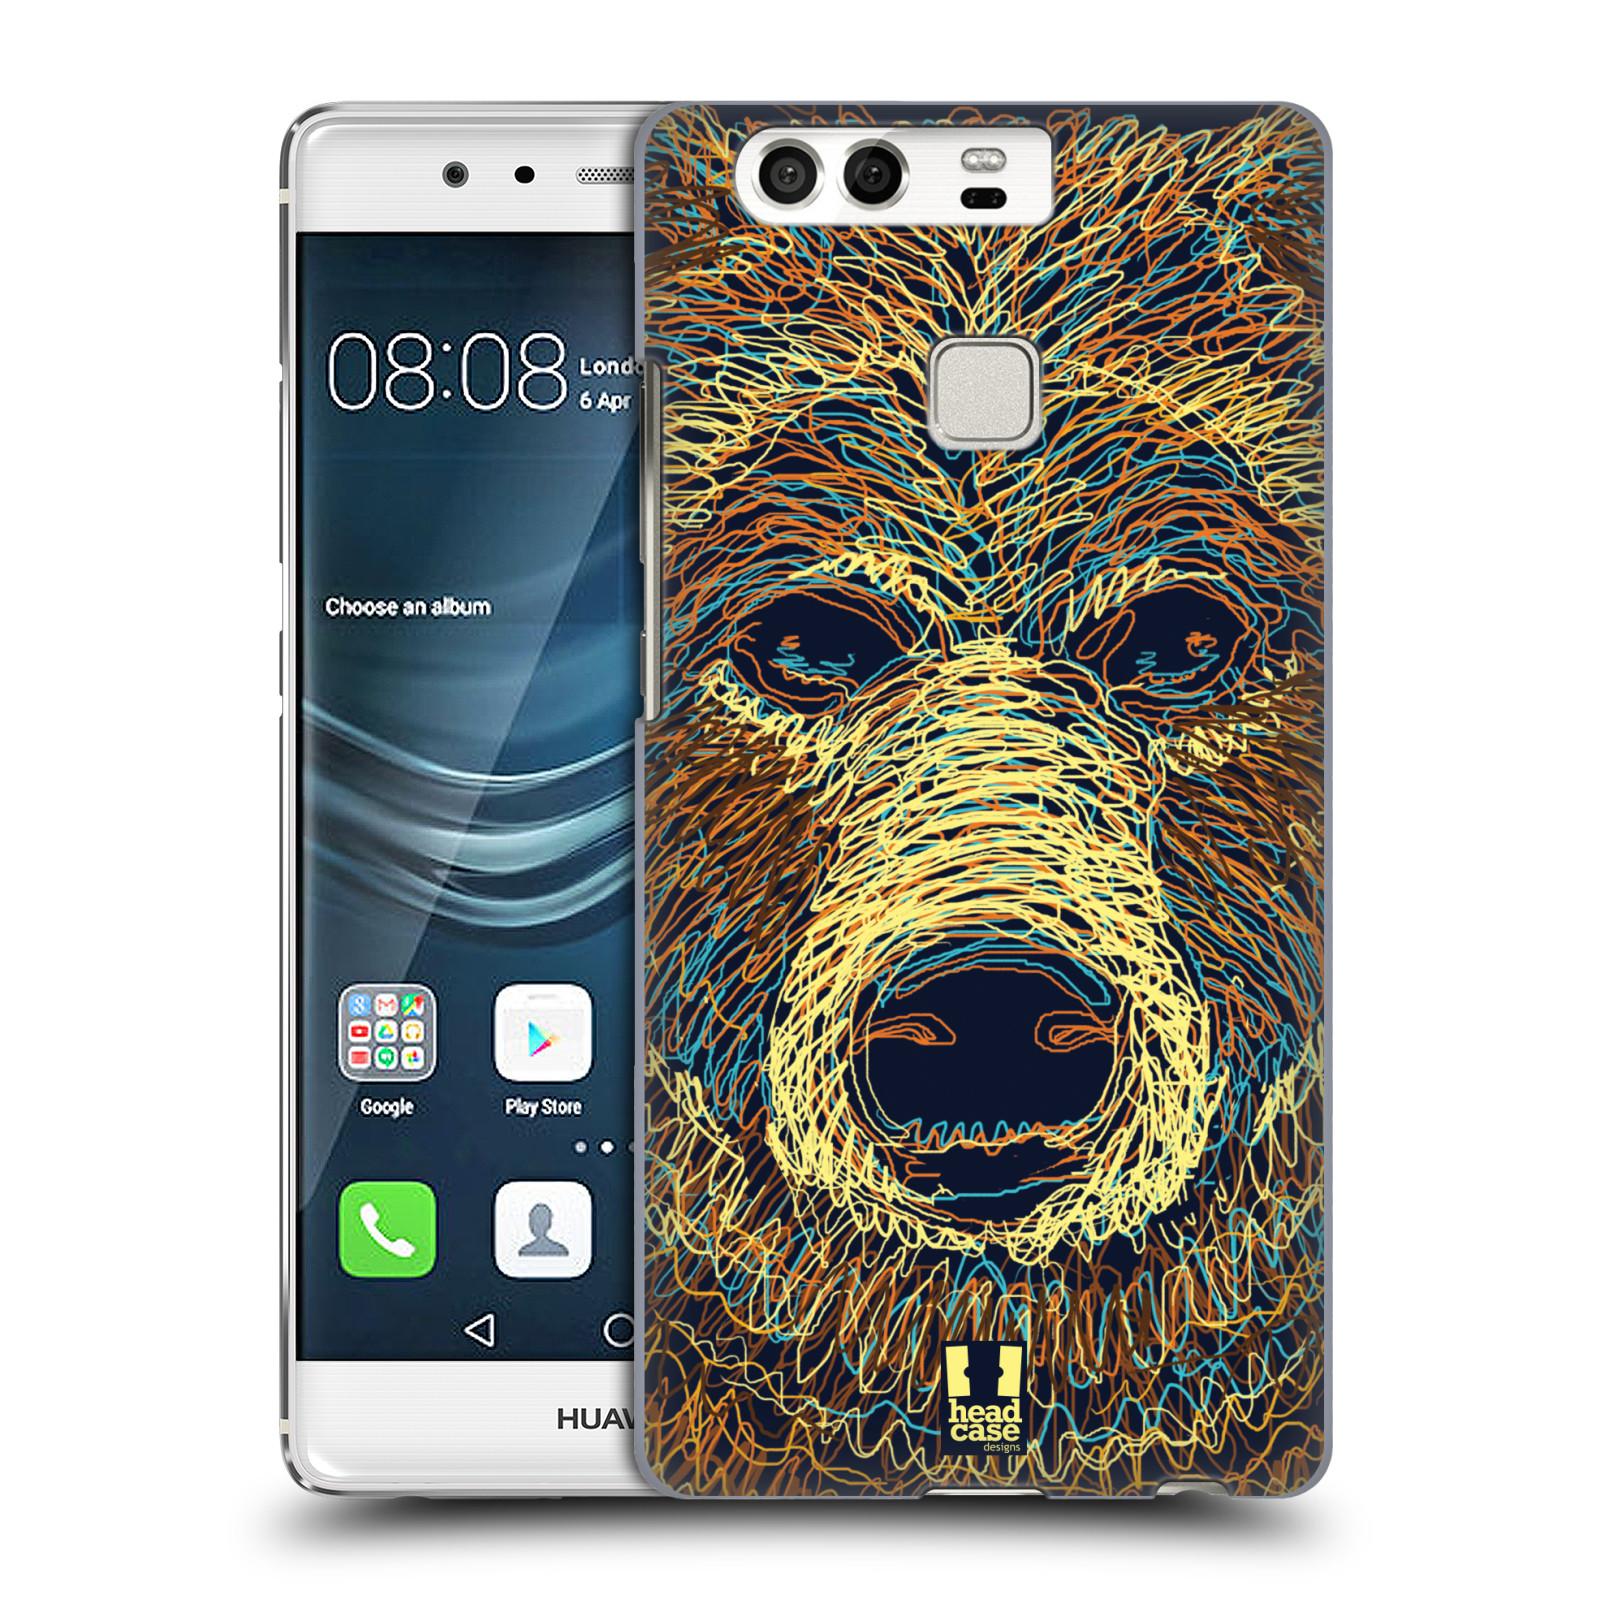 HEAD CASE plastový obal na mobil Huawei P9 / P9 DUAL SIM vzor zvíře čmáranice medvěd